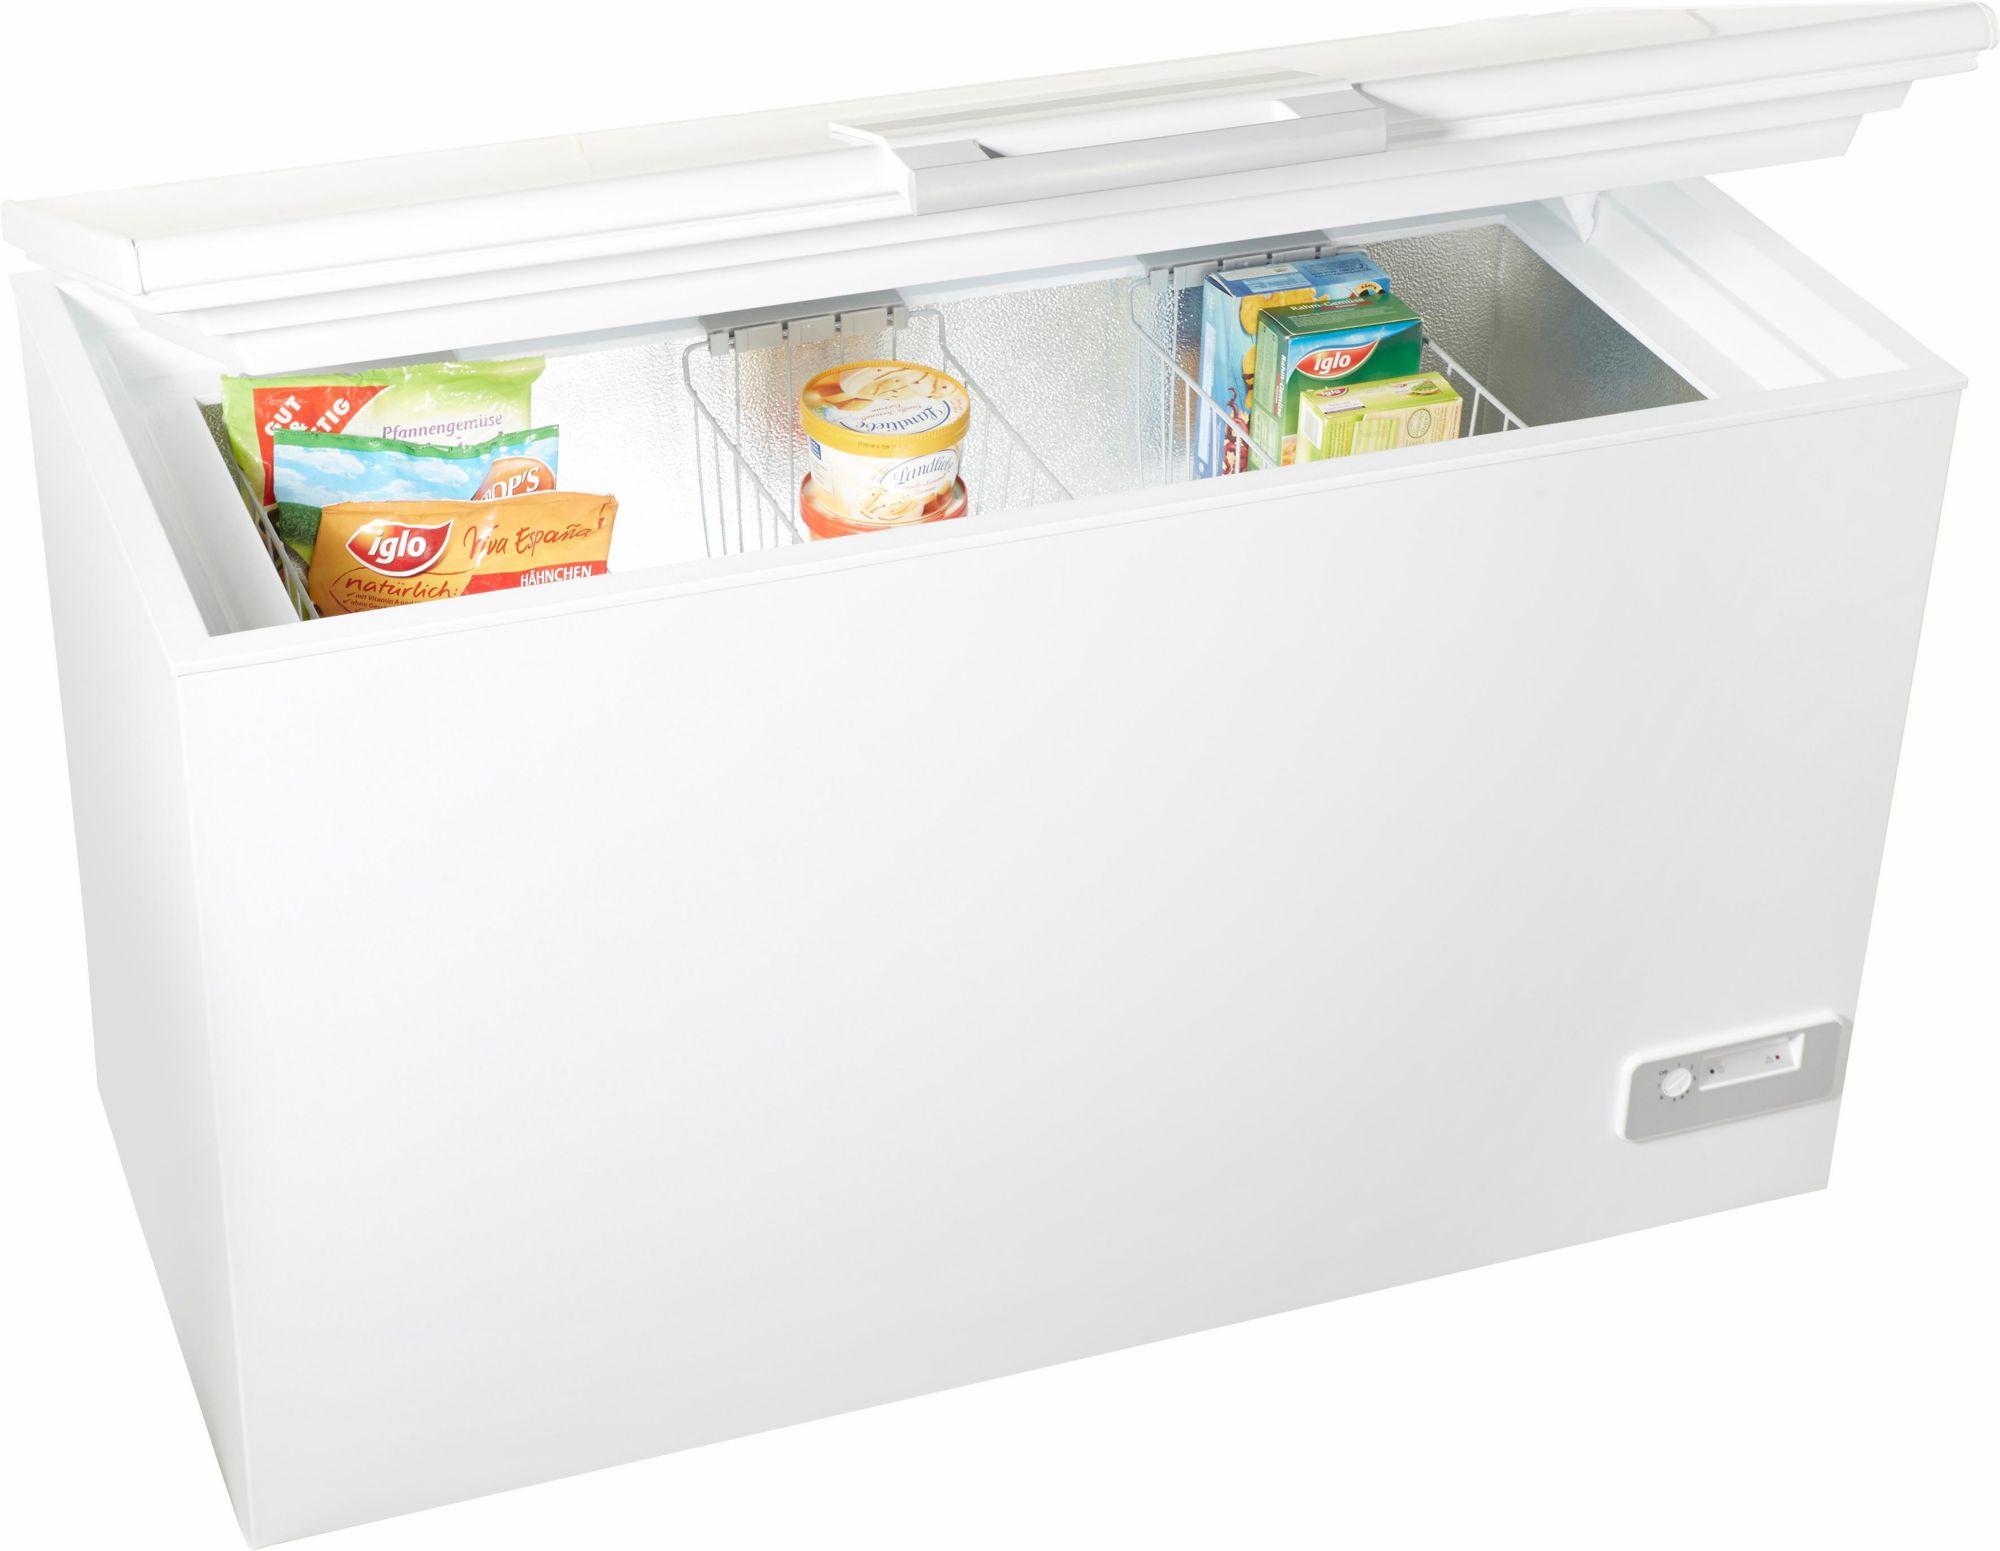 Bomann Kb 167 Kühlbox 50l Mini Kühlschrank A : Aktuelle angebote kaufroboter die discounter suchmaschine